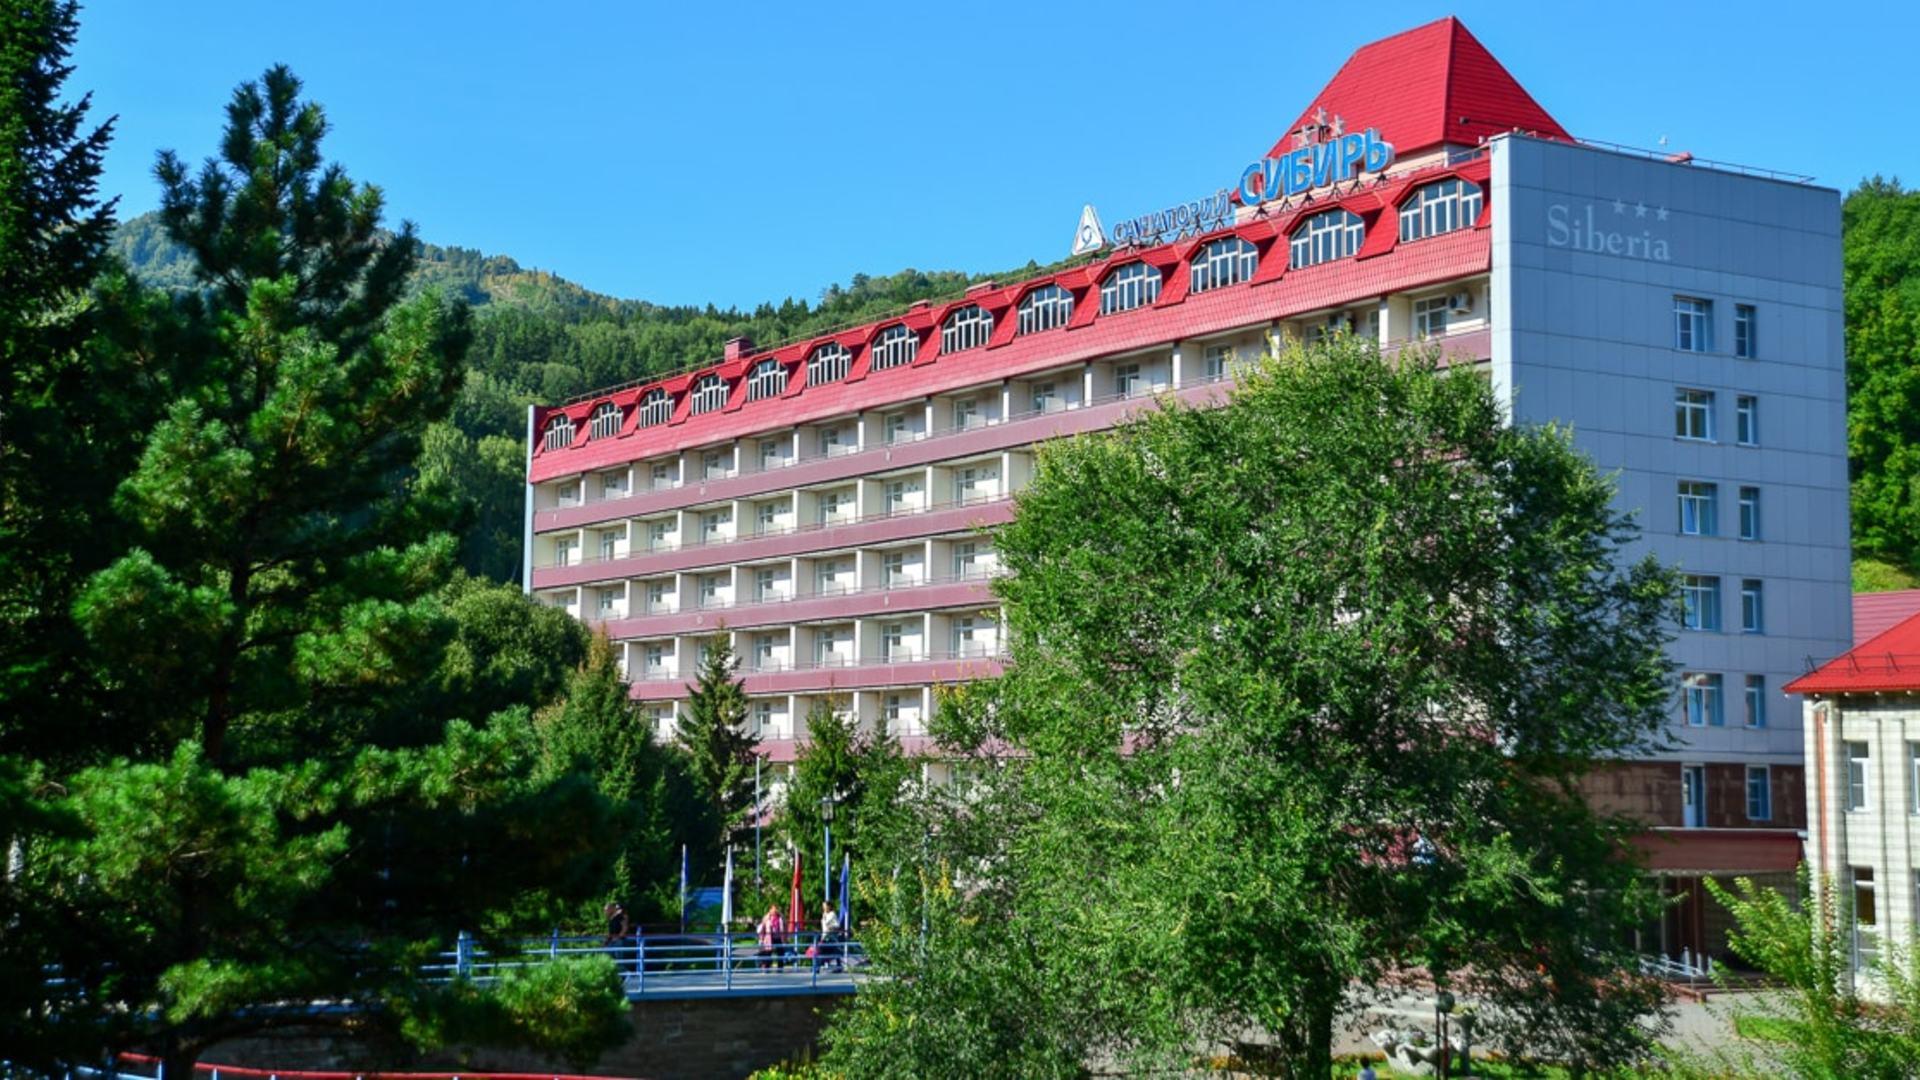 универа давно белокуриха отель сибирь фото что